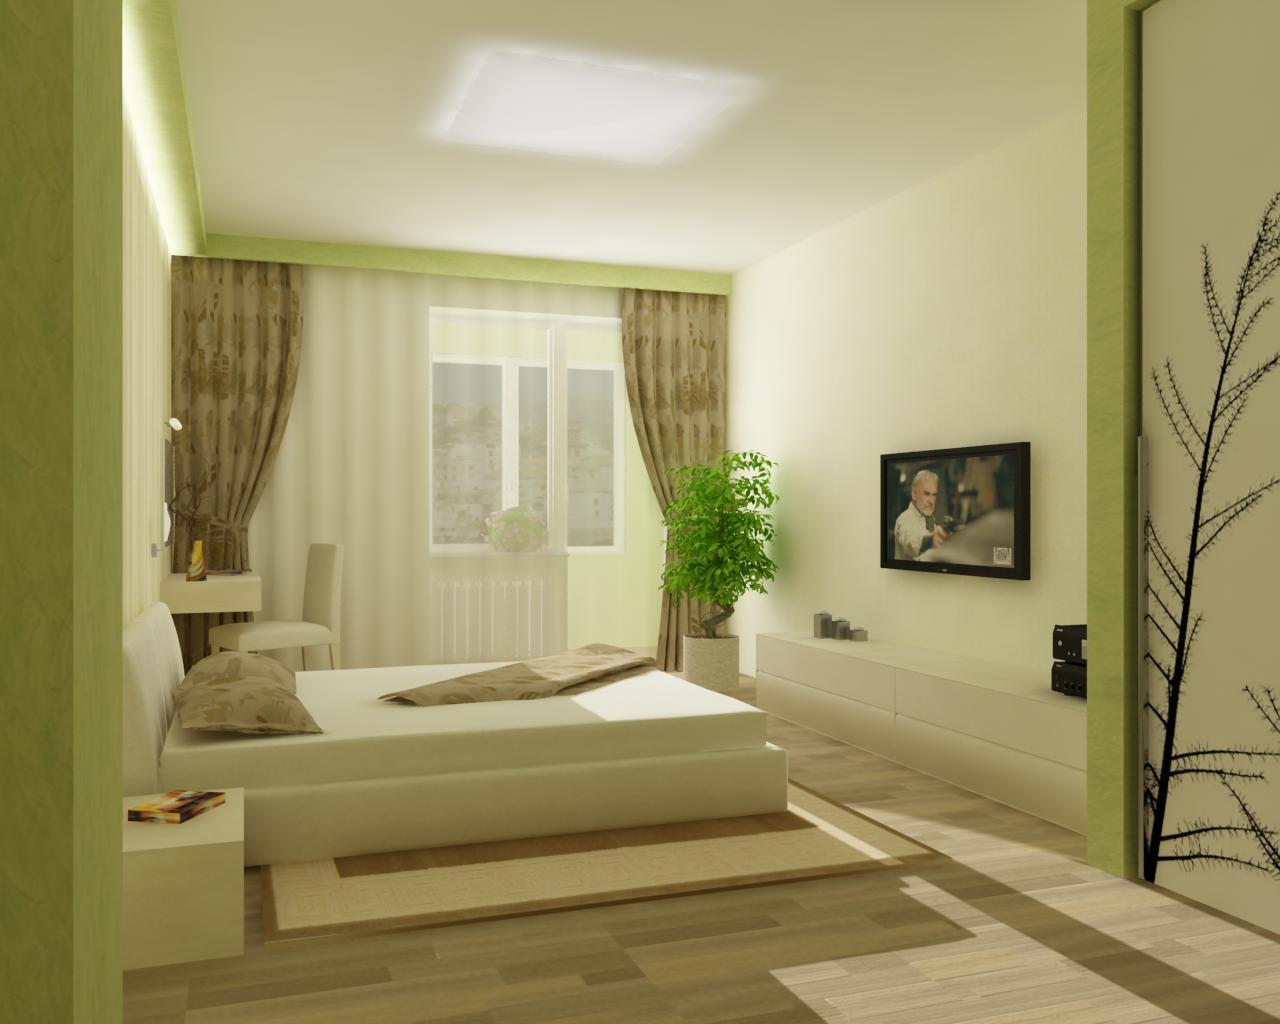 Современные варианты отделки комнаты обоями